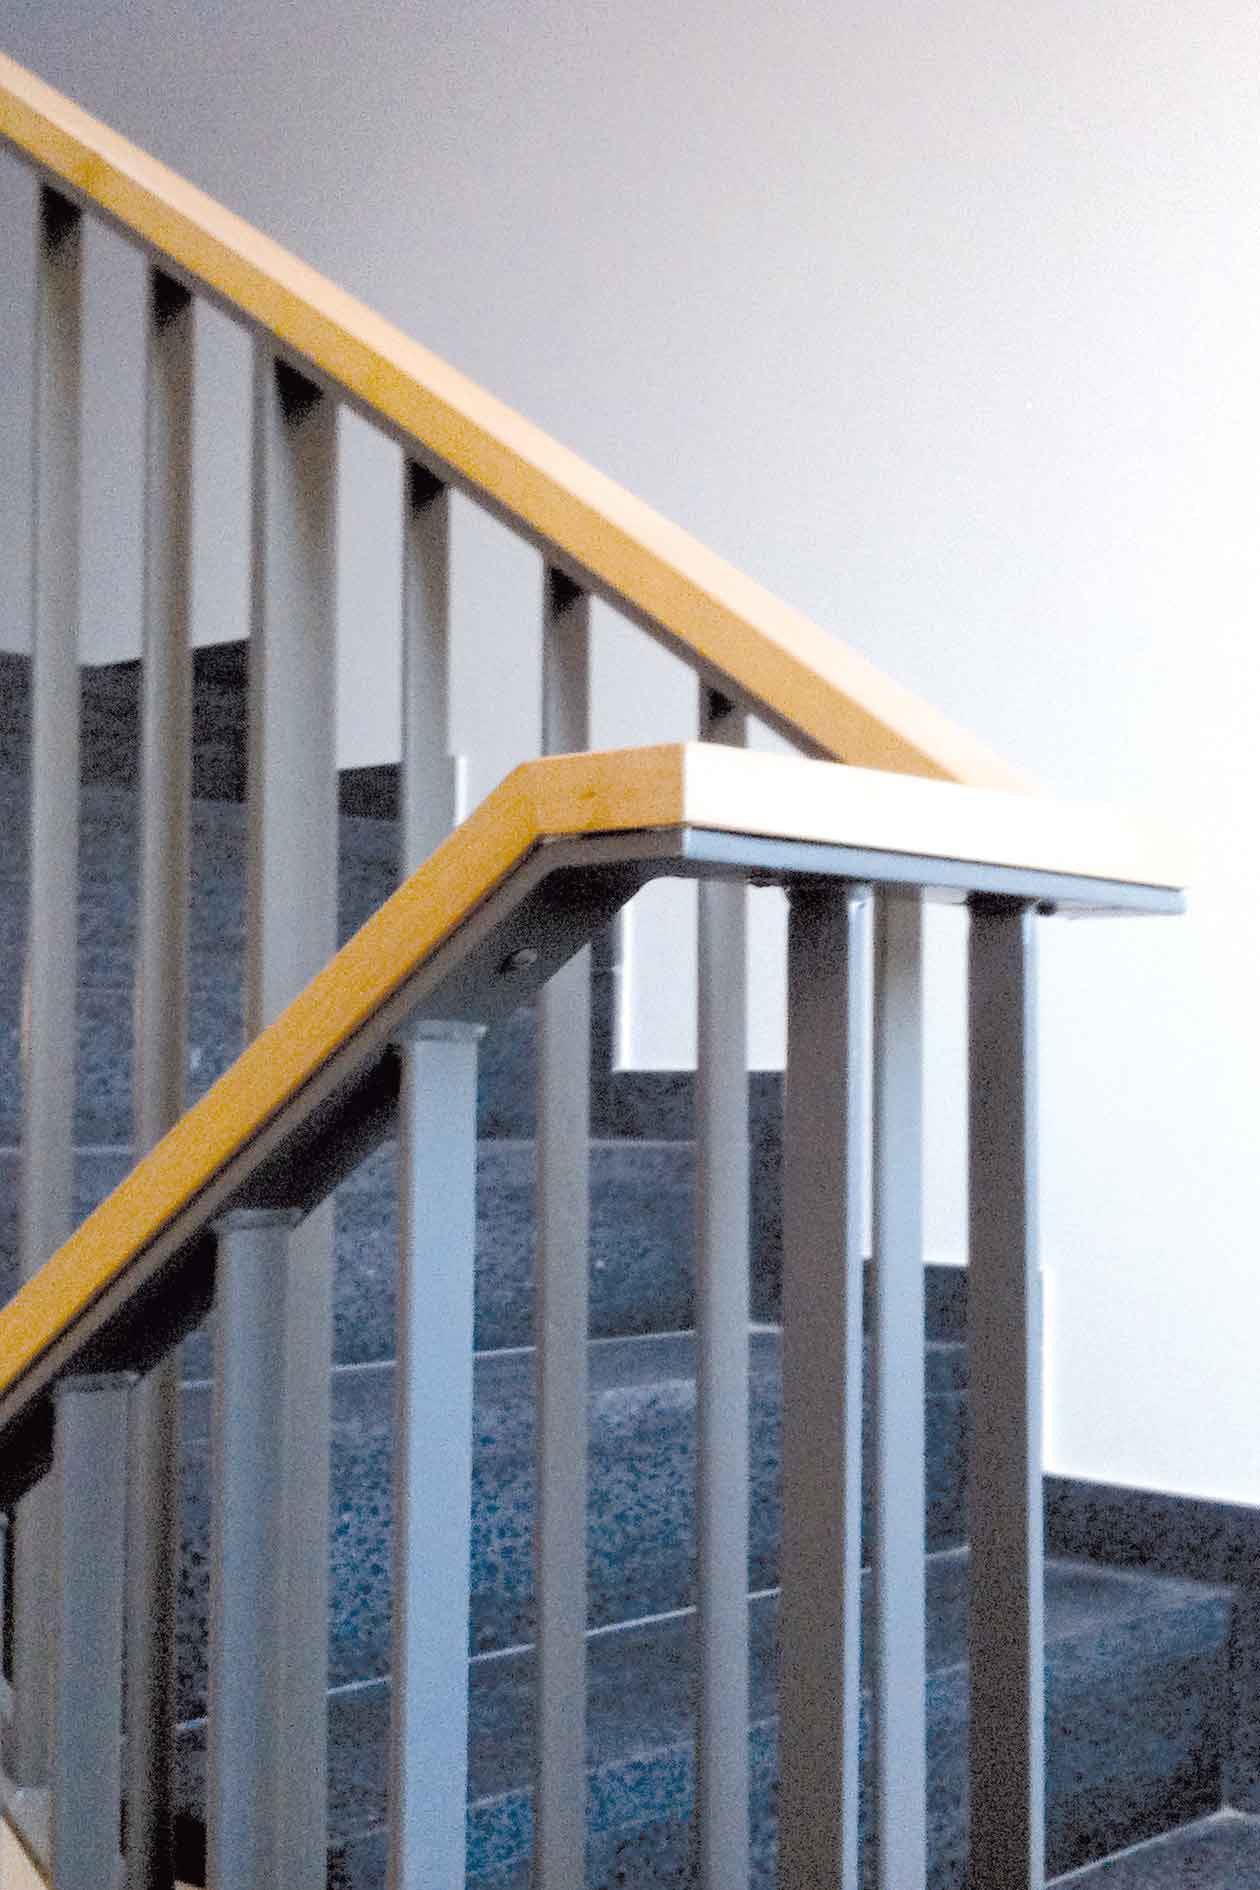 Treppengeländer Holz Und Stahl ~ birgit wolf architektur berlin  Treppengeländer  Holz und Stahl